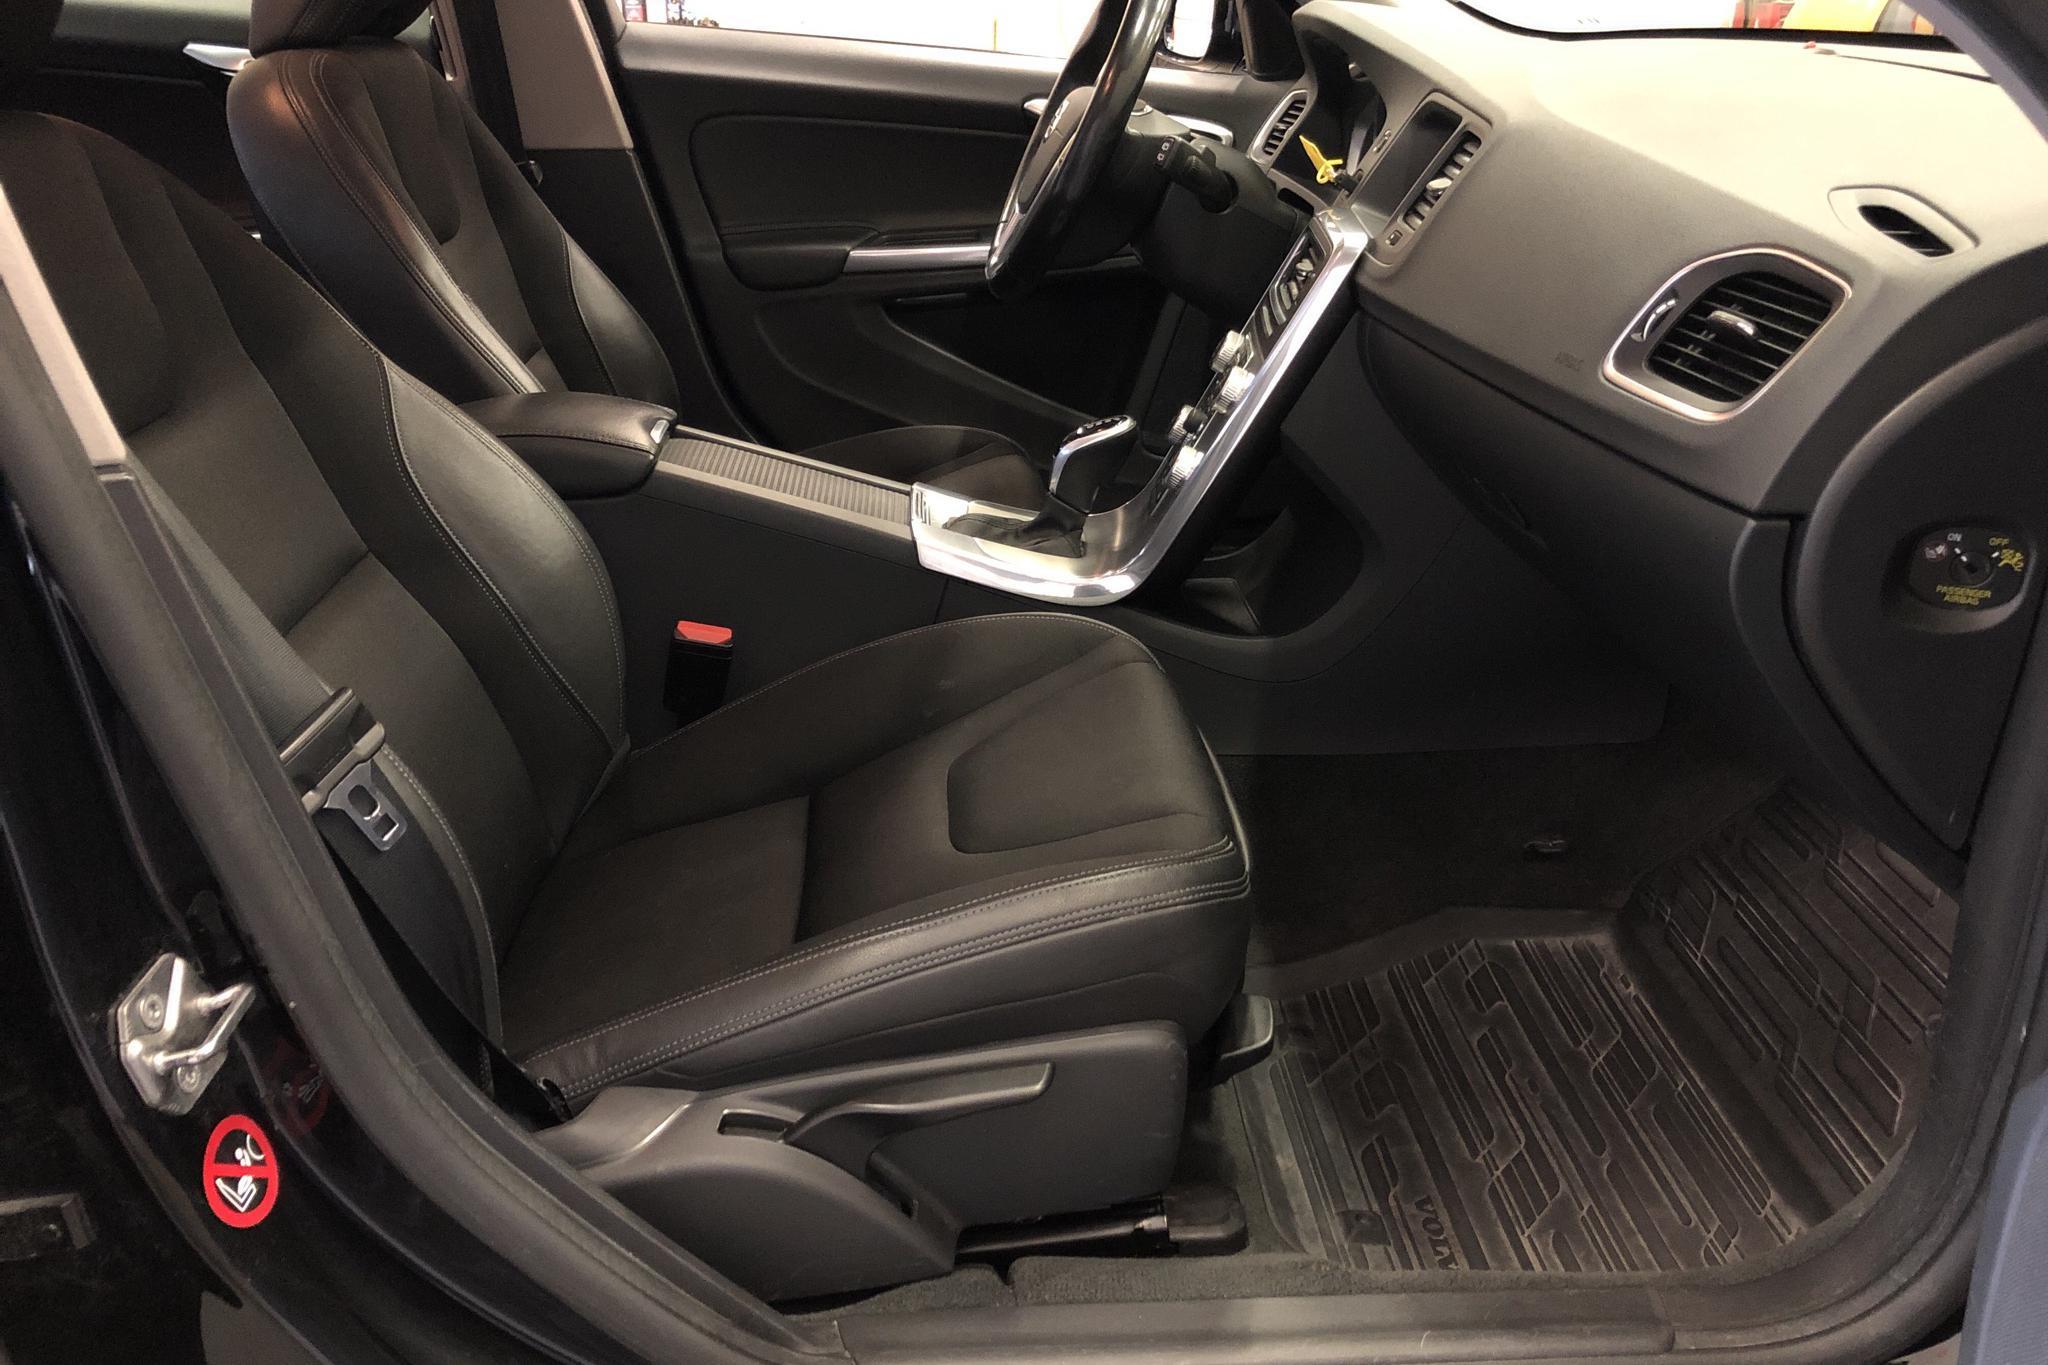 Volvo V60 D4 Cross Country AWD (190hk) - 136 140 km - Automatic - black - 2017